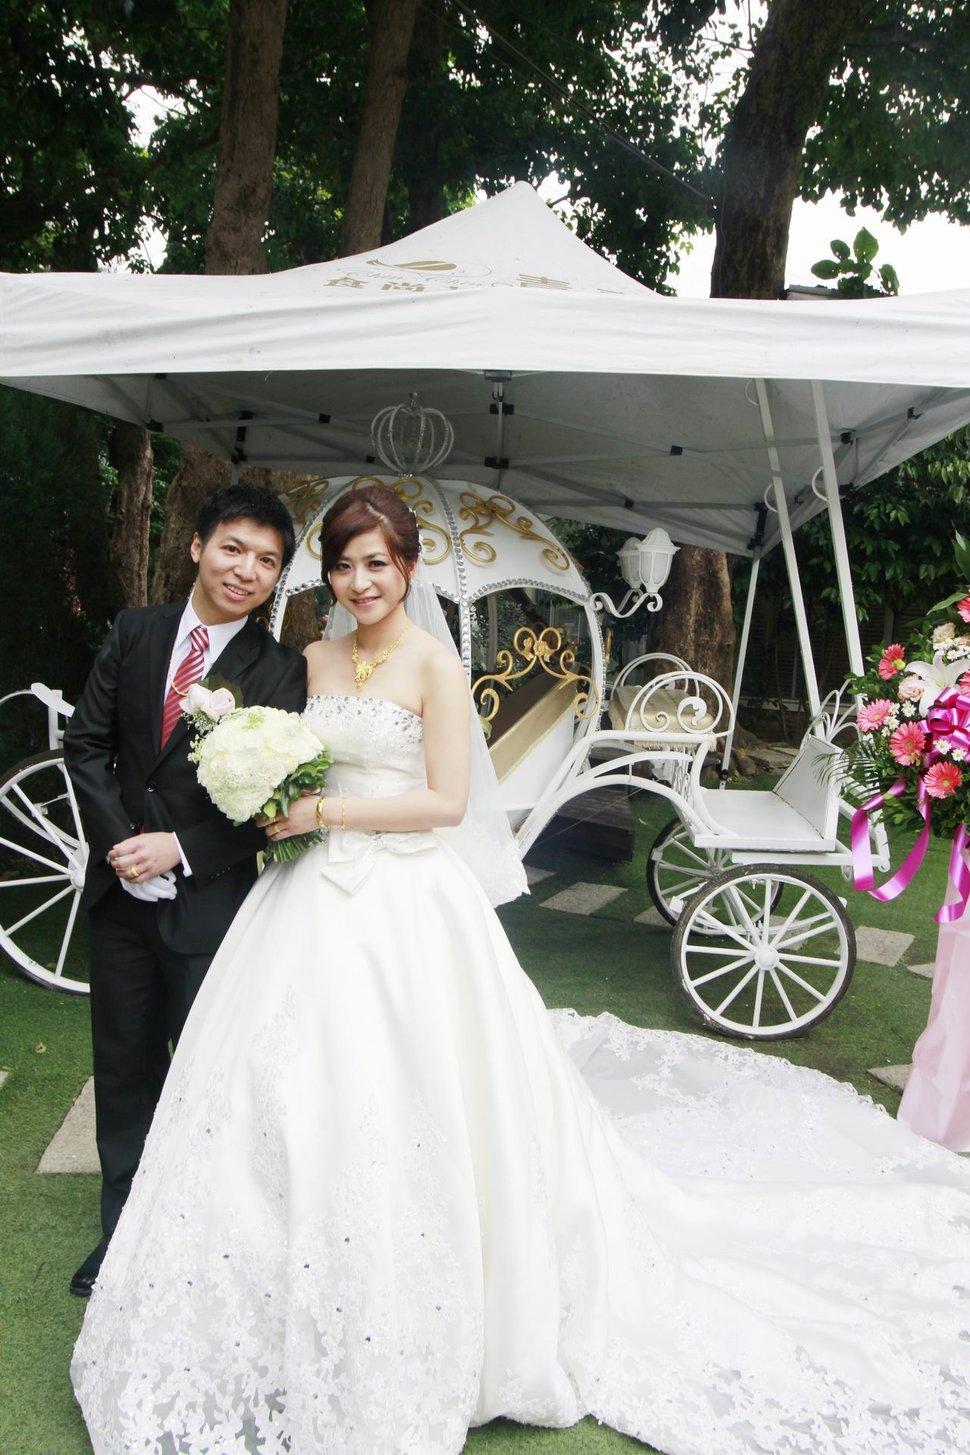 青青食尚花園會館婚禮記錄結婚迎娶婚禮記錄動態微電影錄影專業錄影平面攝影婚紗攝攝影婚禮主持人(編號:196766) - 蜜月拍照10800錄影12800攝影團隊 - 結婚吧